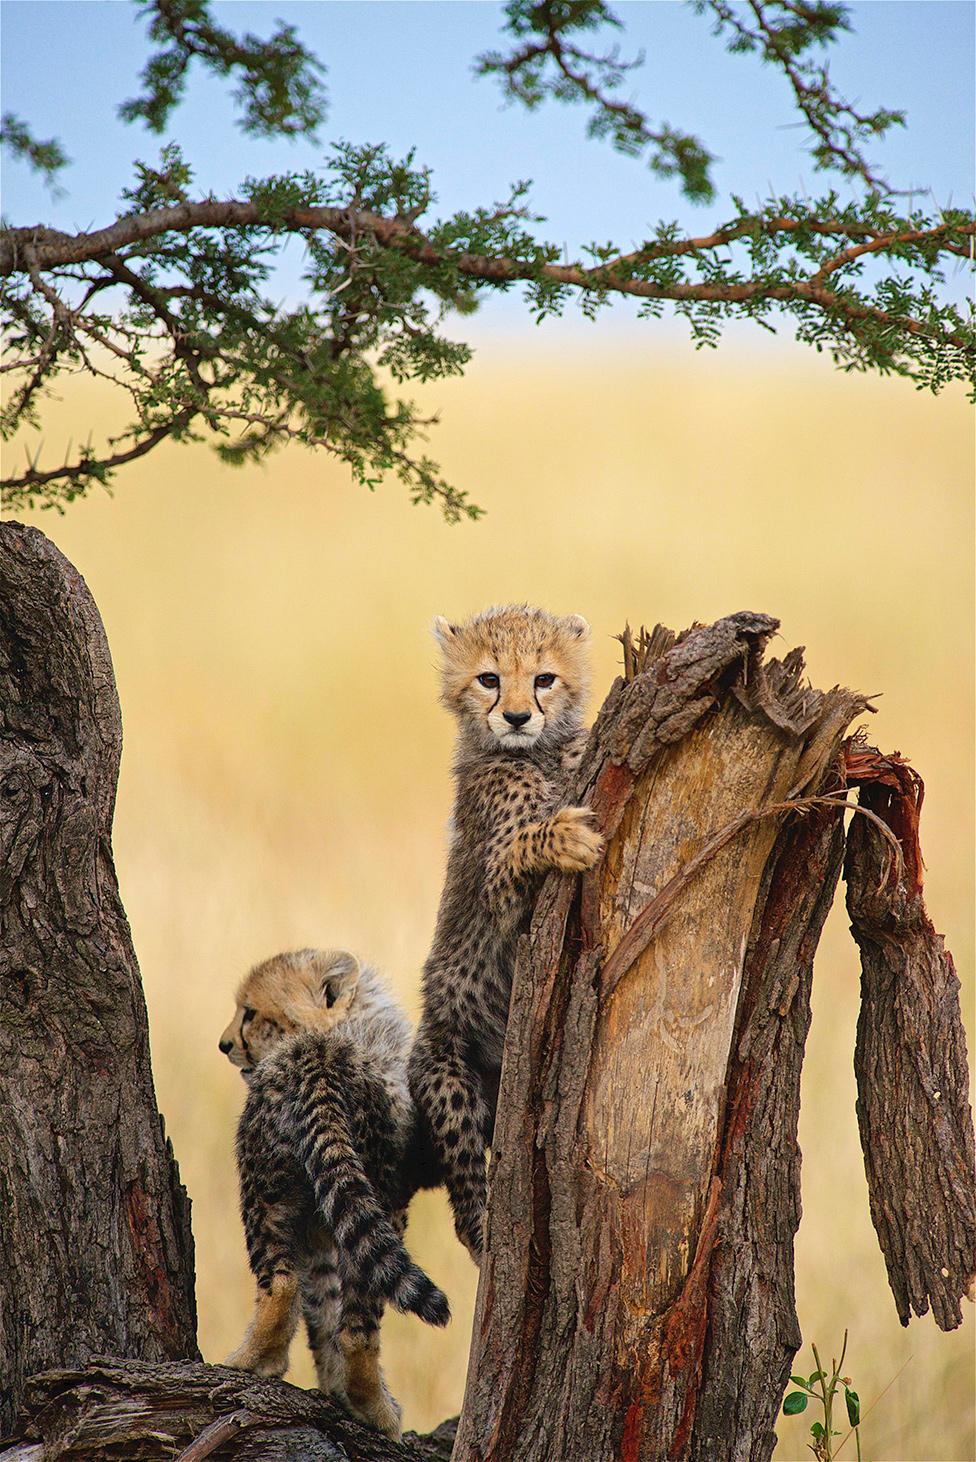 Mladunci geparda penju se na drvo